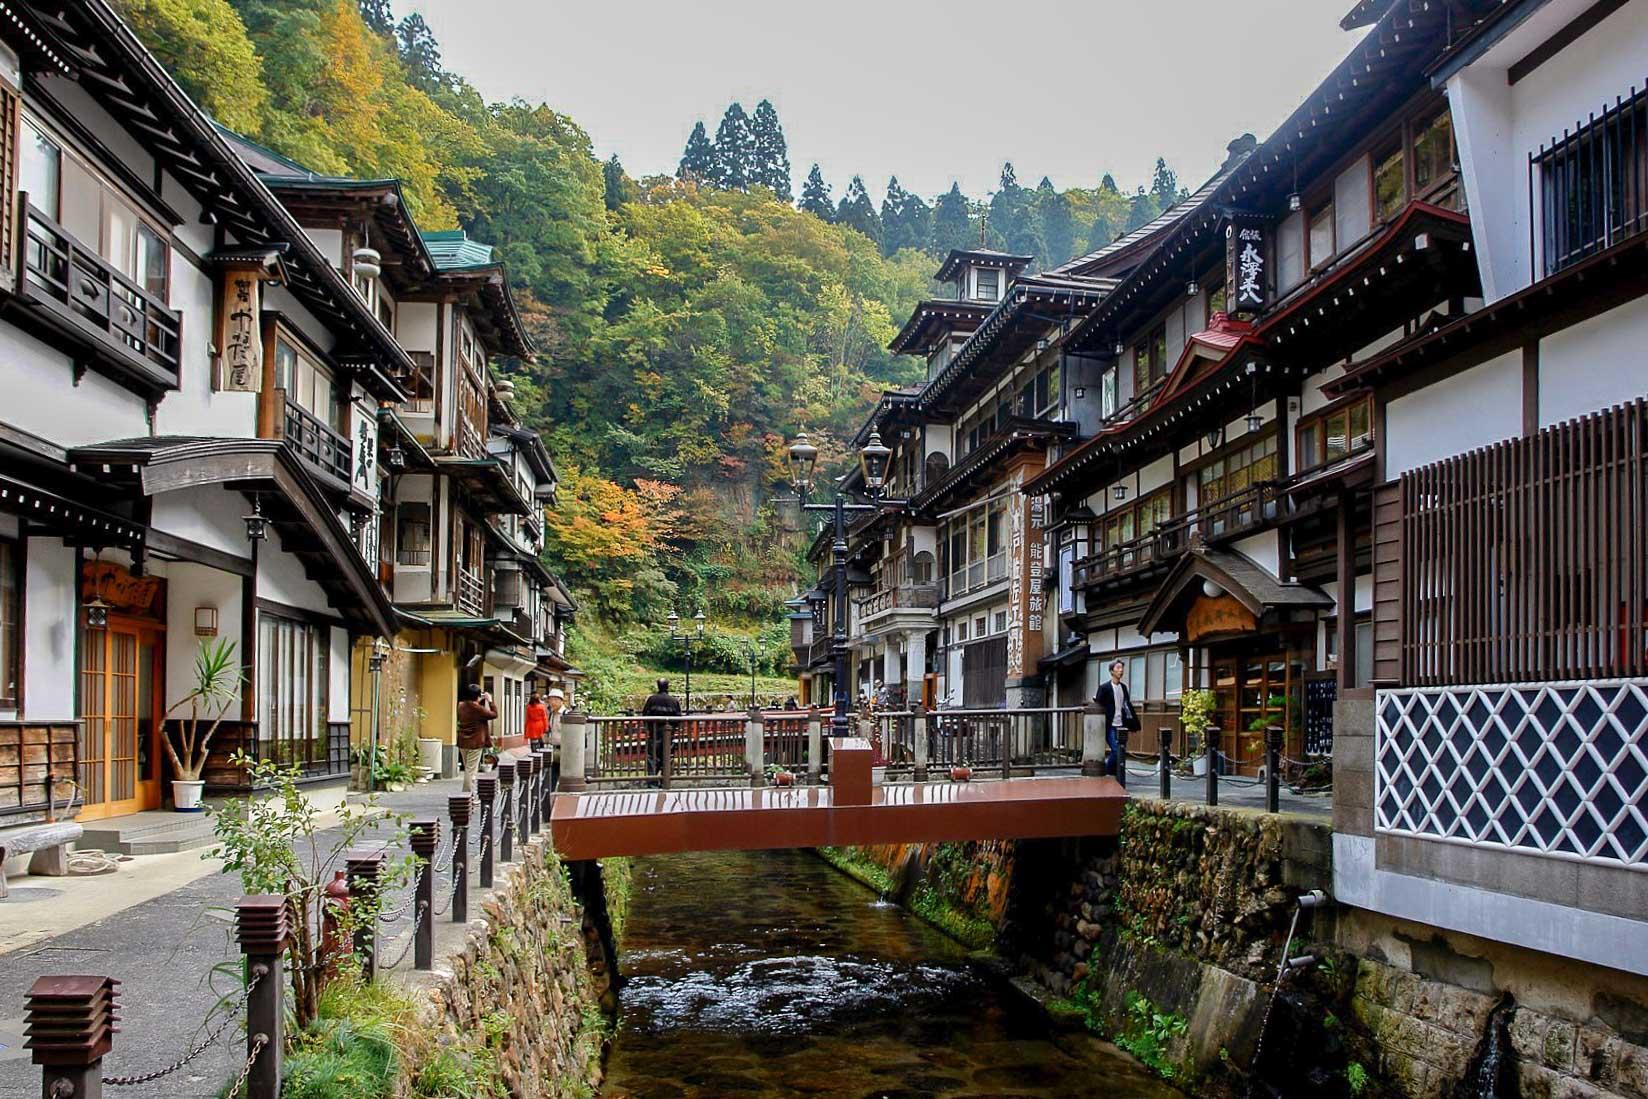 Tohoku, une région du Japon méconnue des voyageurs internationaux et qui recèle pourtant nombreuses merveilles pour qui aime la nature, l'authenticité et l'histoire. On vous invite à découvrir les charmes de cette région sauvage du nord-est de l'île principale de Honshū, ainsi qu'une partie de ses meilleures adresses.